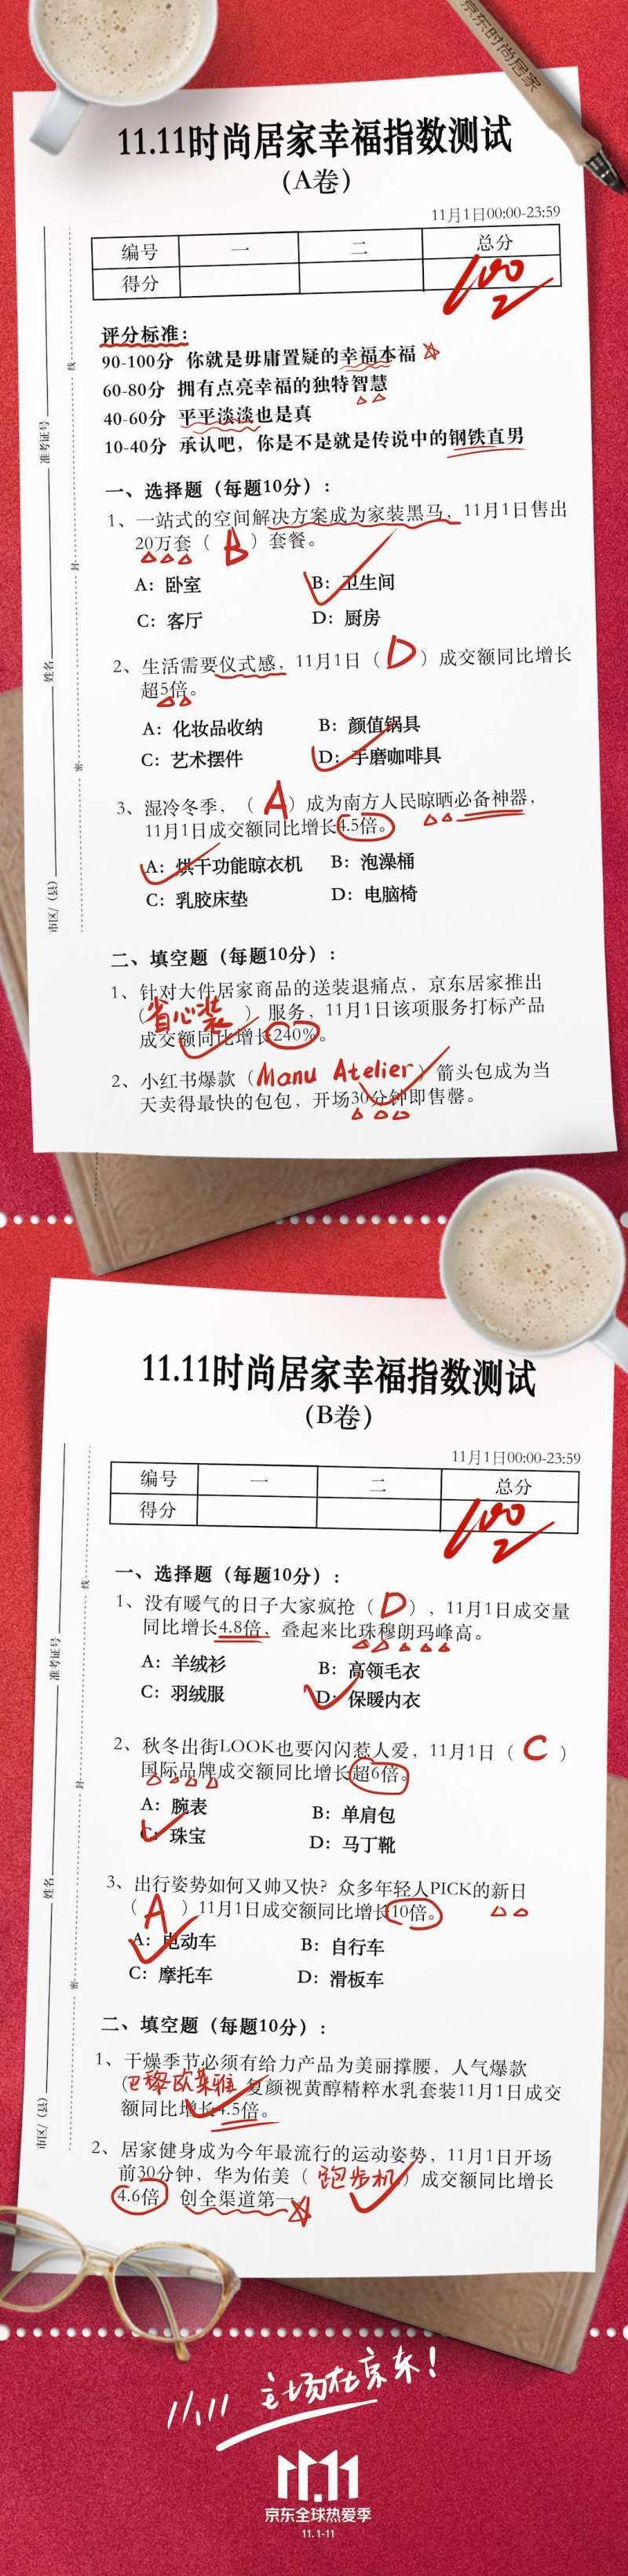 京东11.11奢品销售创新高 传统大牌、新晋潮流设计师品牌齐飞